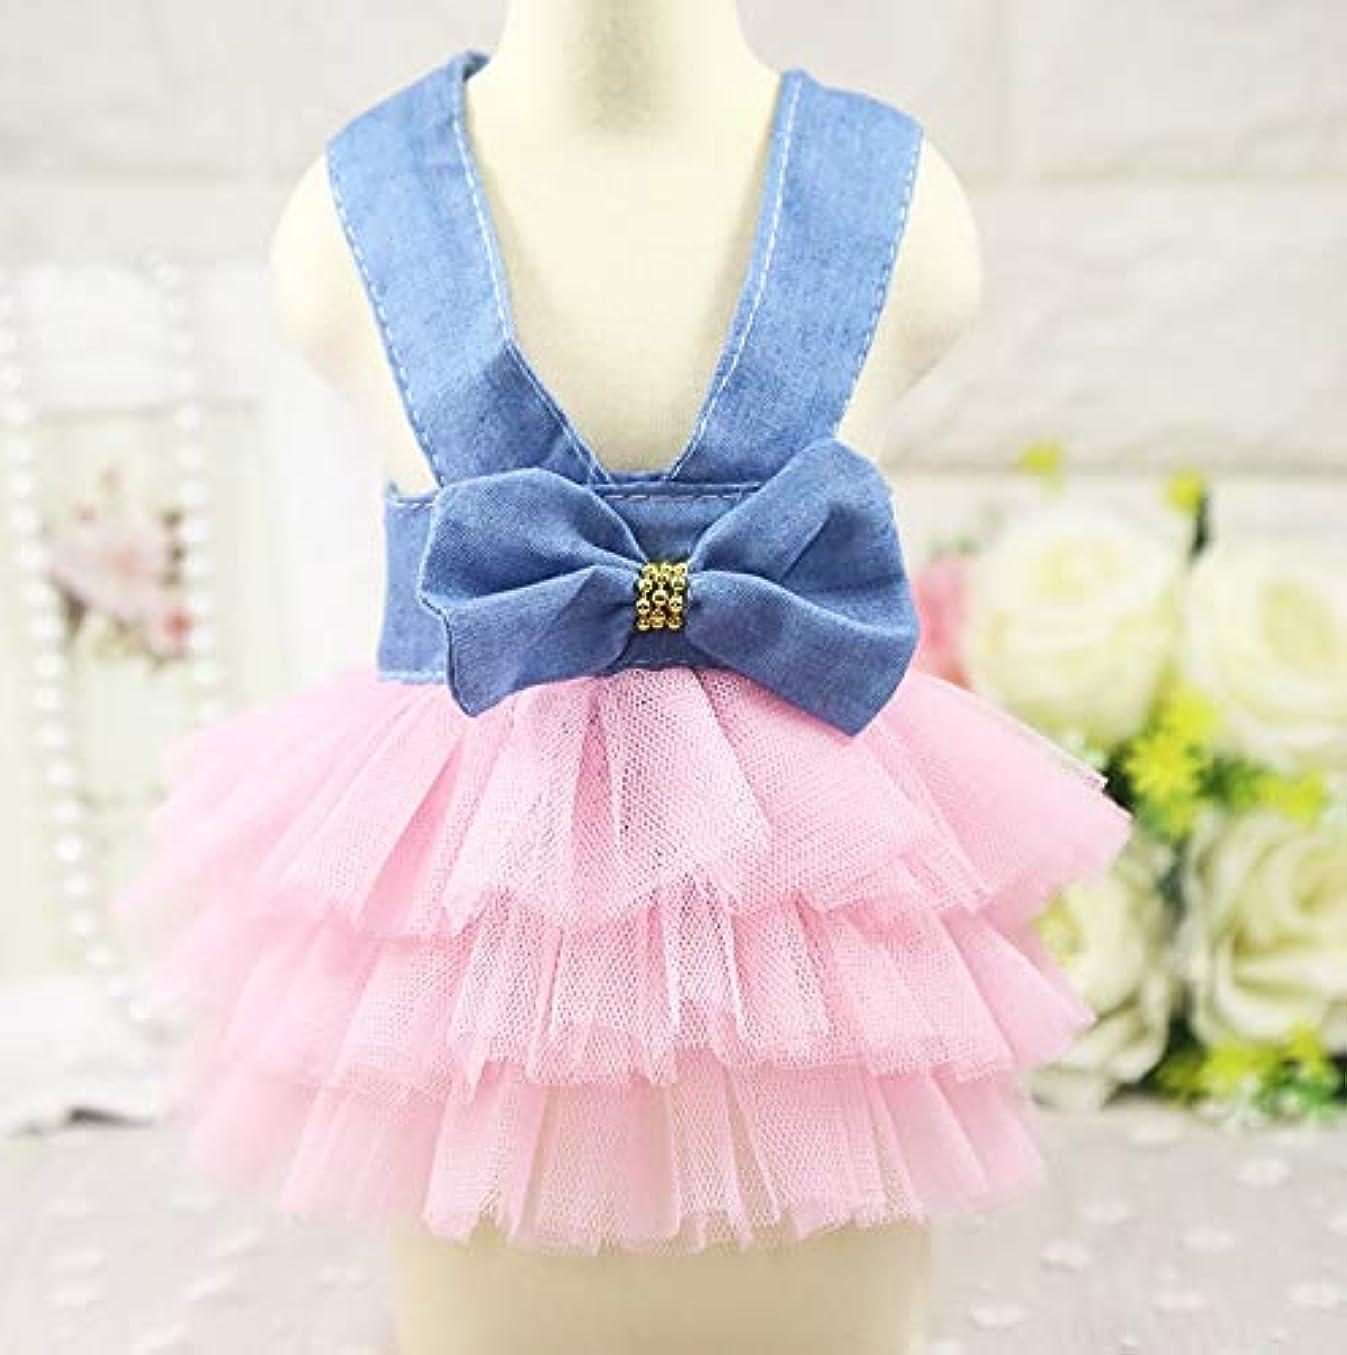 統治可能広範囲に好意かわいいペットの服 小さい犬のウェディングドレスのスカートの子犬のための夏のジーンズの服の服をよく販売して下さい、サイズ:L(ジャンピンク) (色 : Jean Pink)